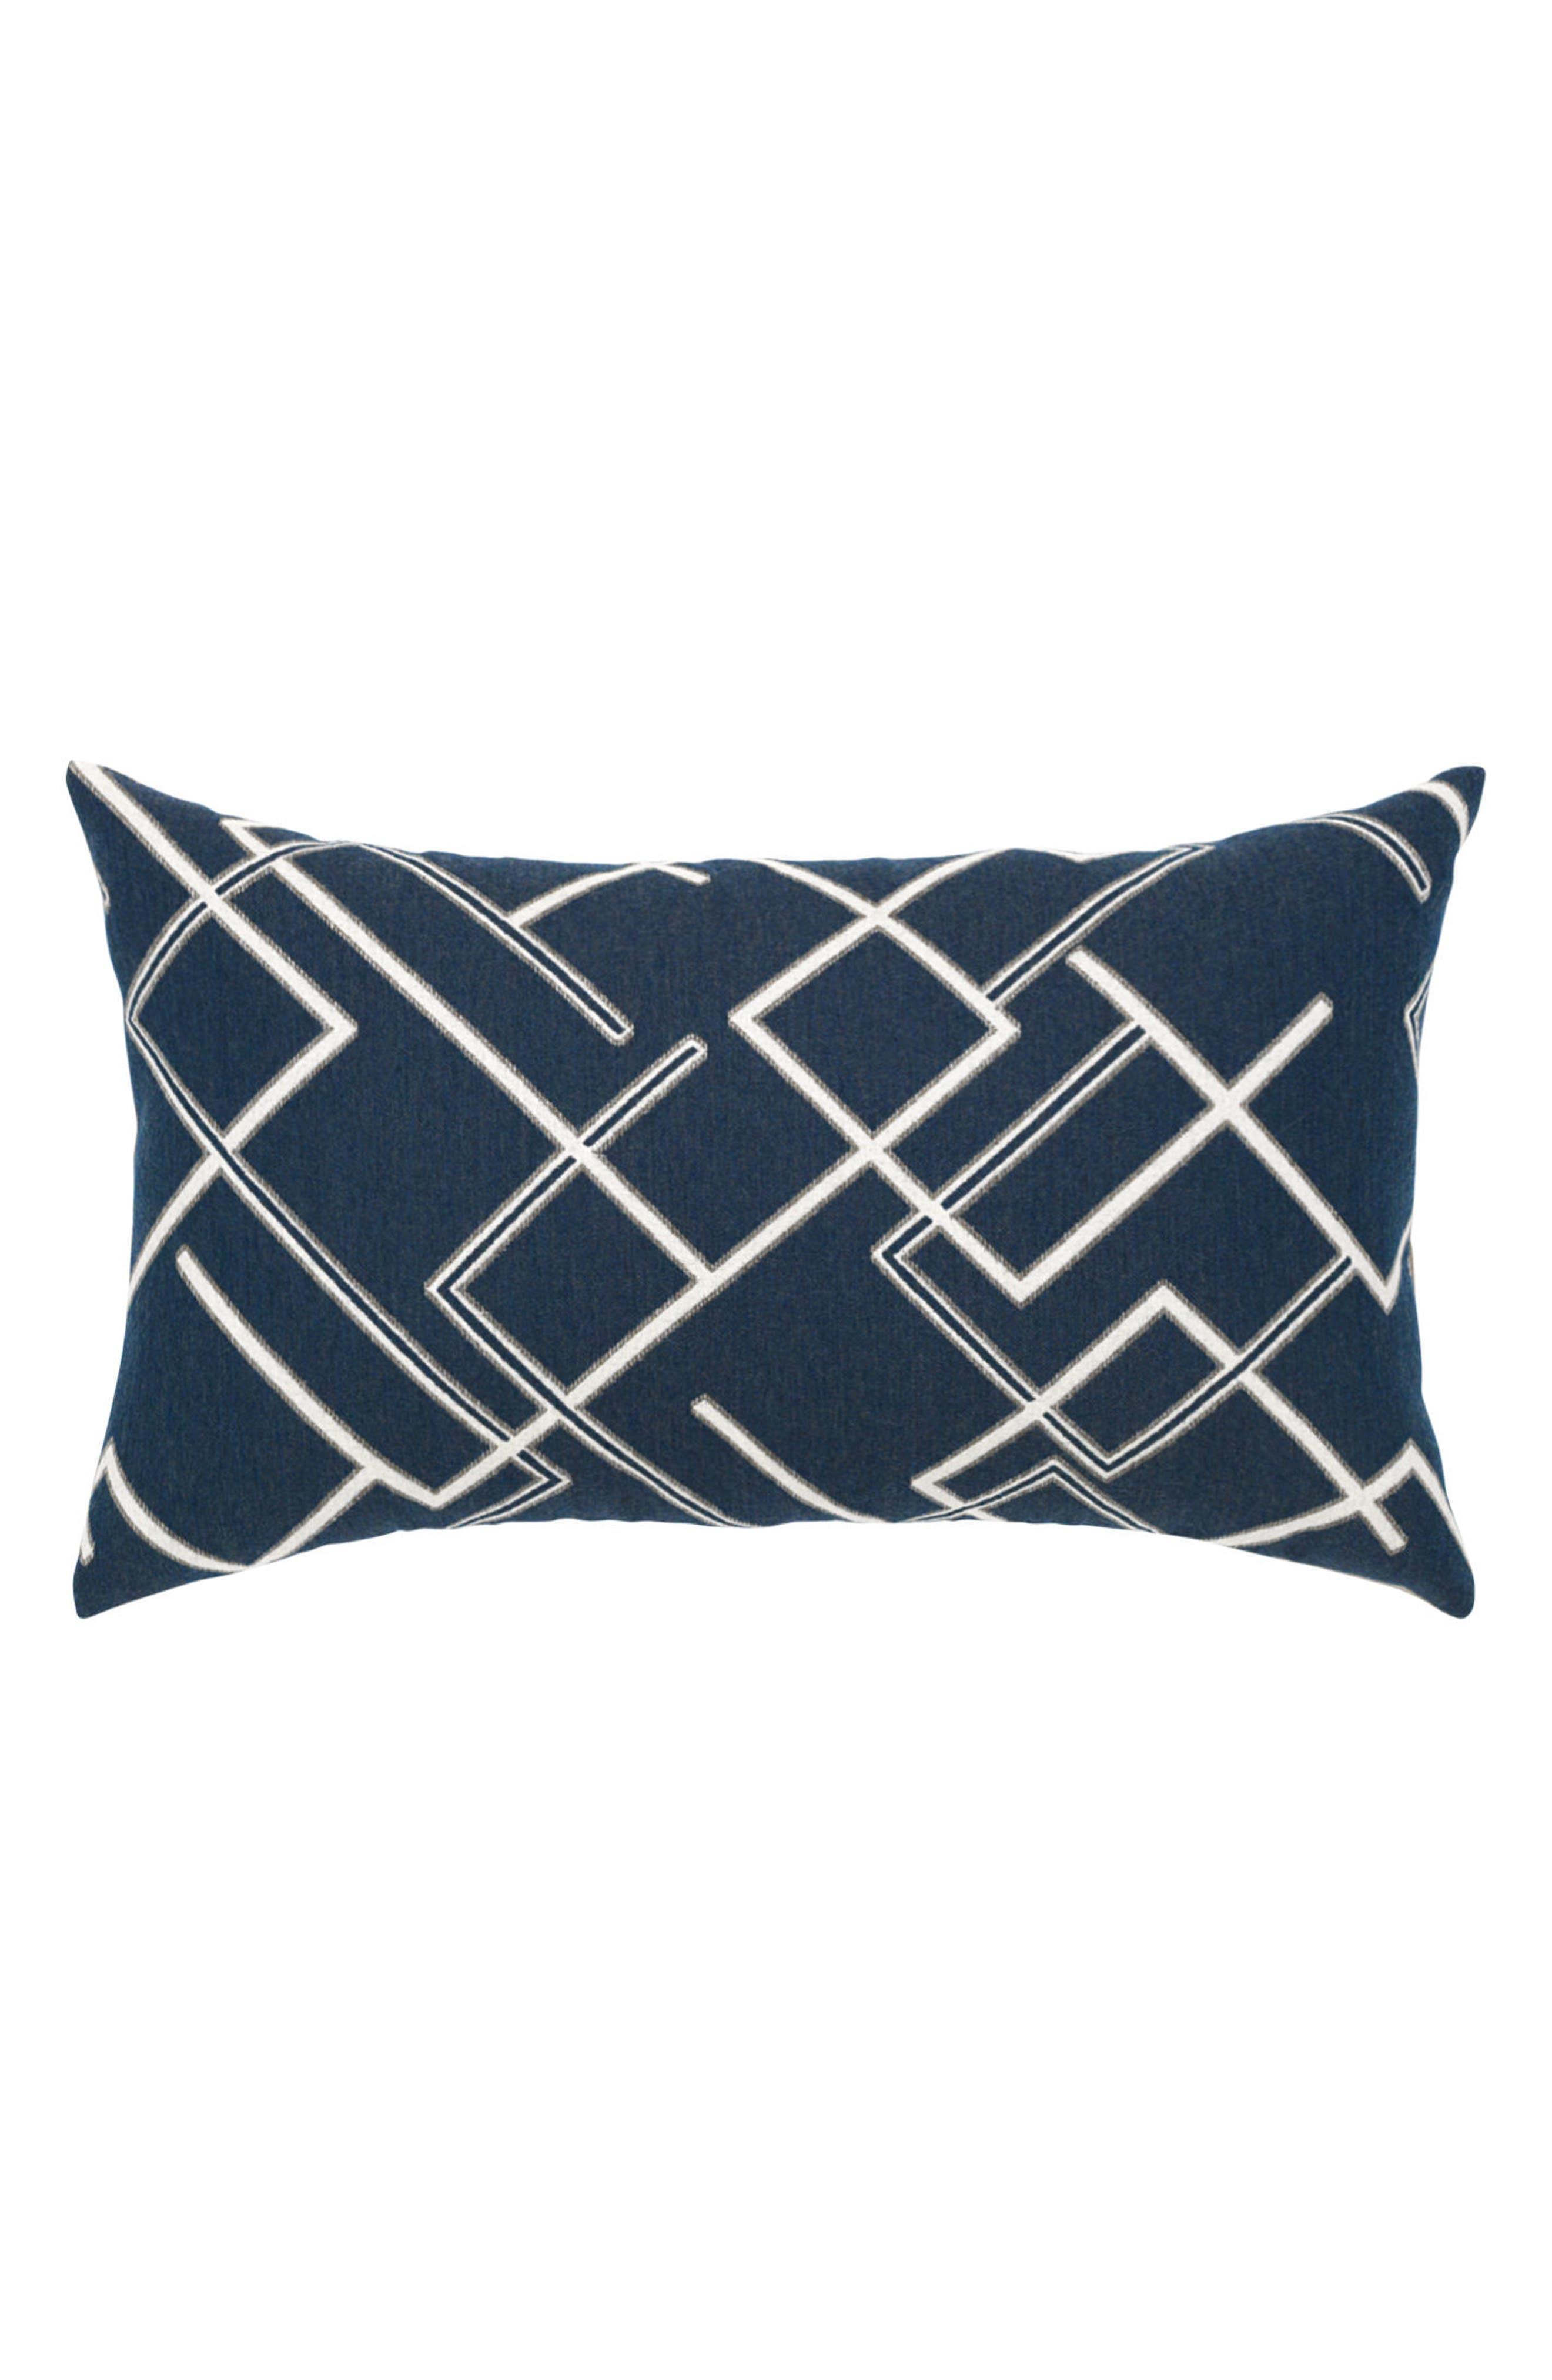 Divergence Indigo Lumbar Pillow,                         Main,                         color, BLUE